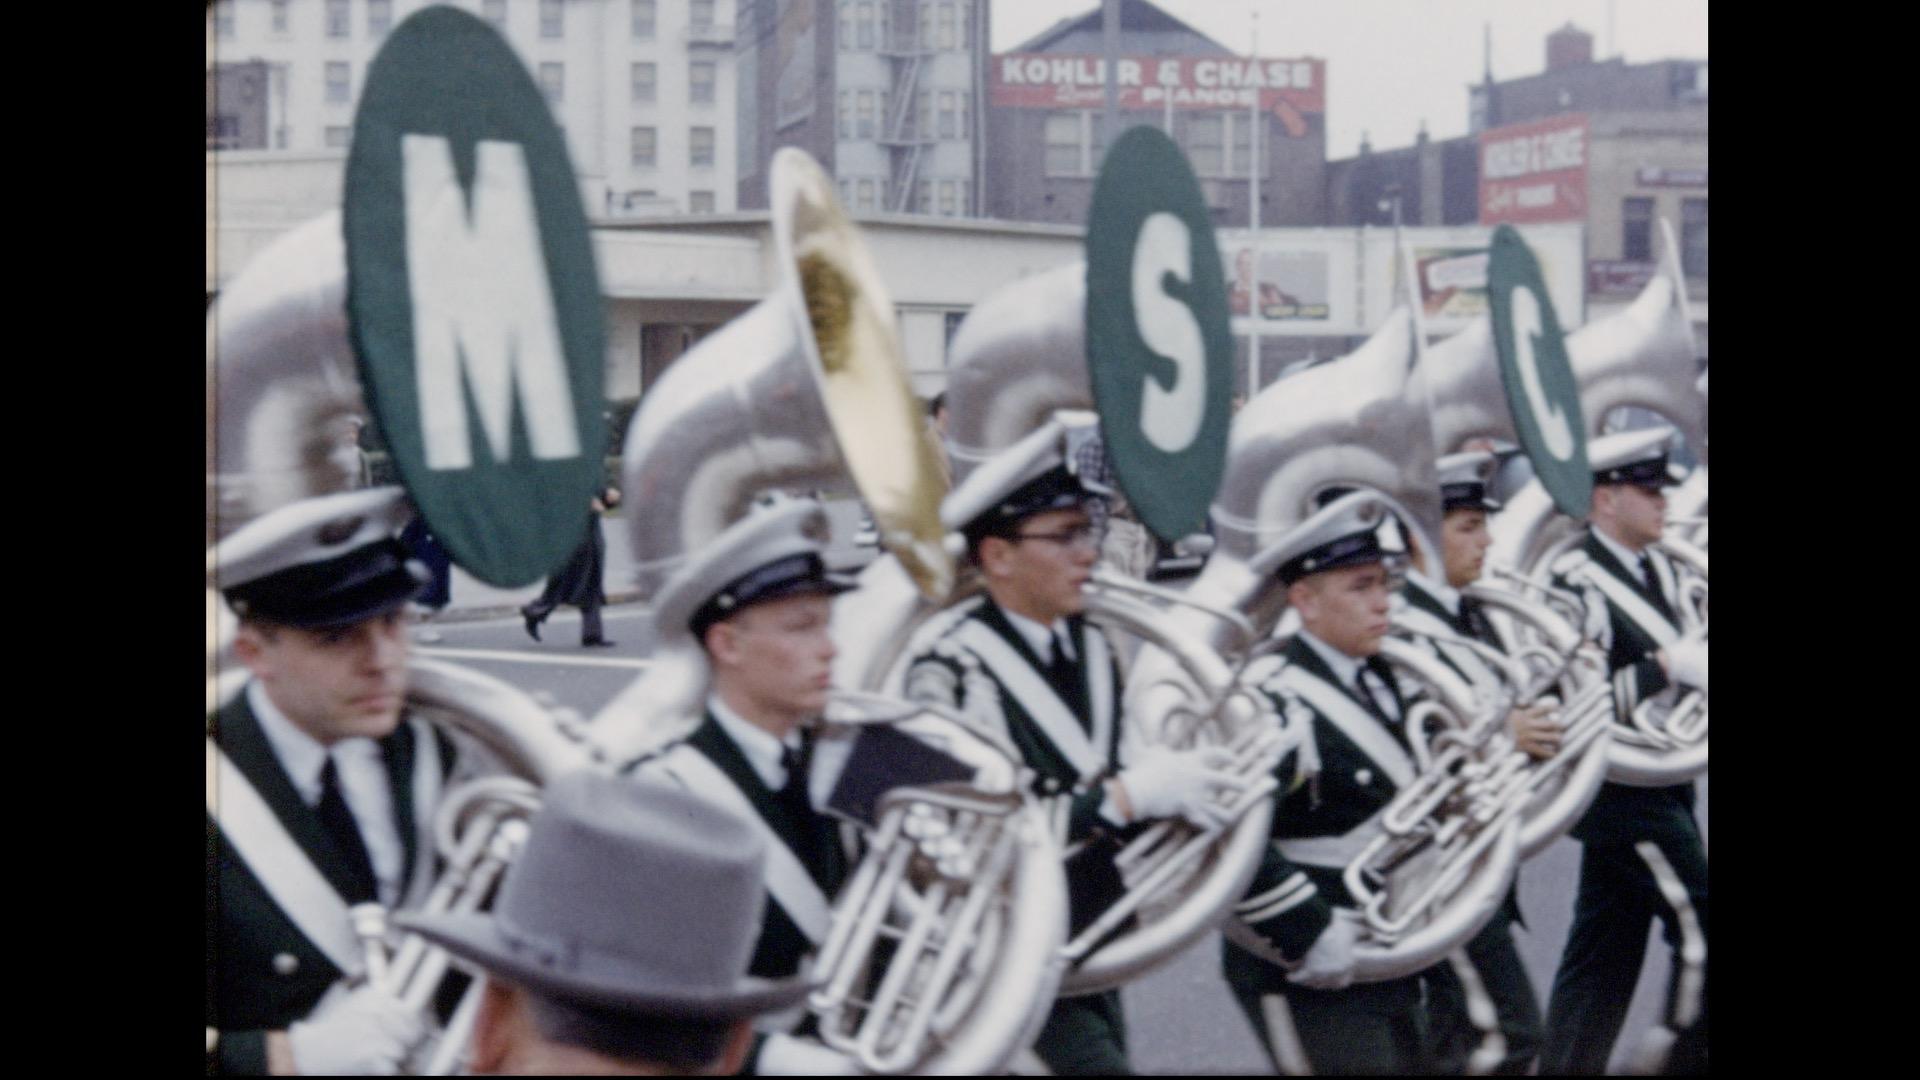 MSC Band, 1954